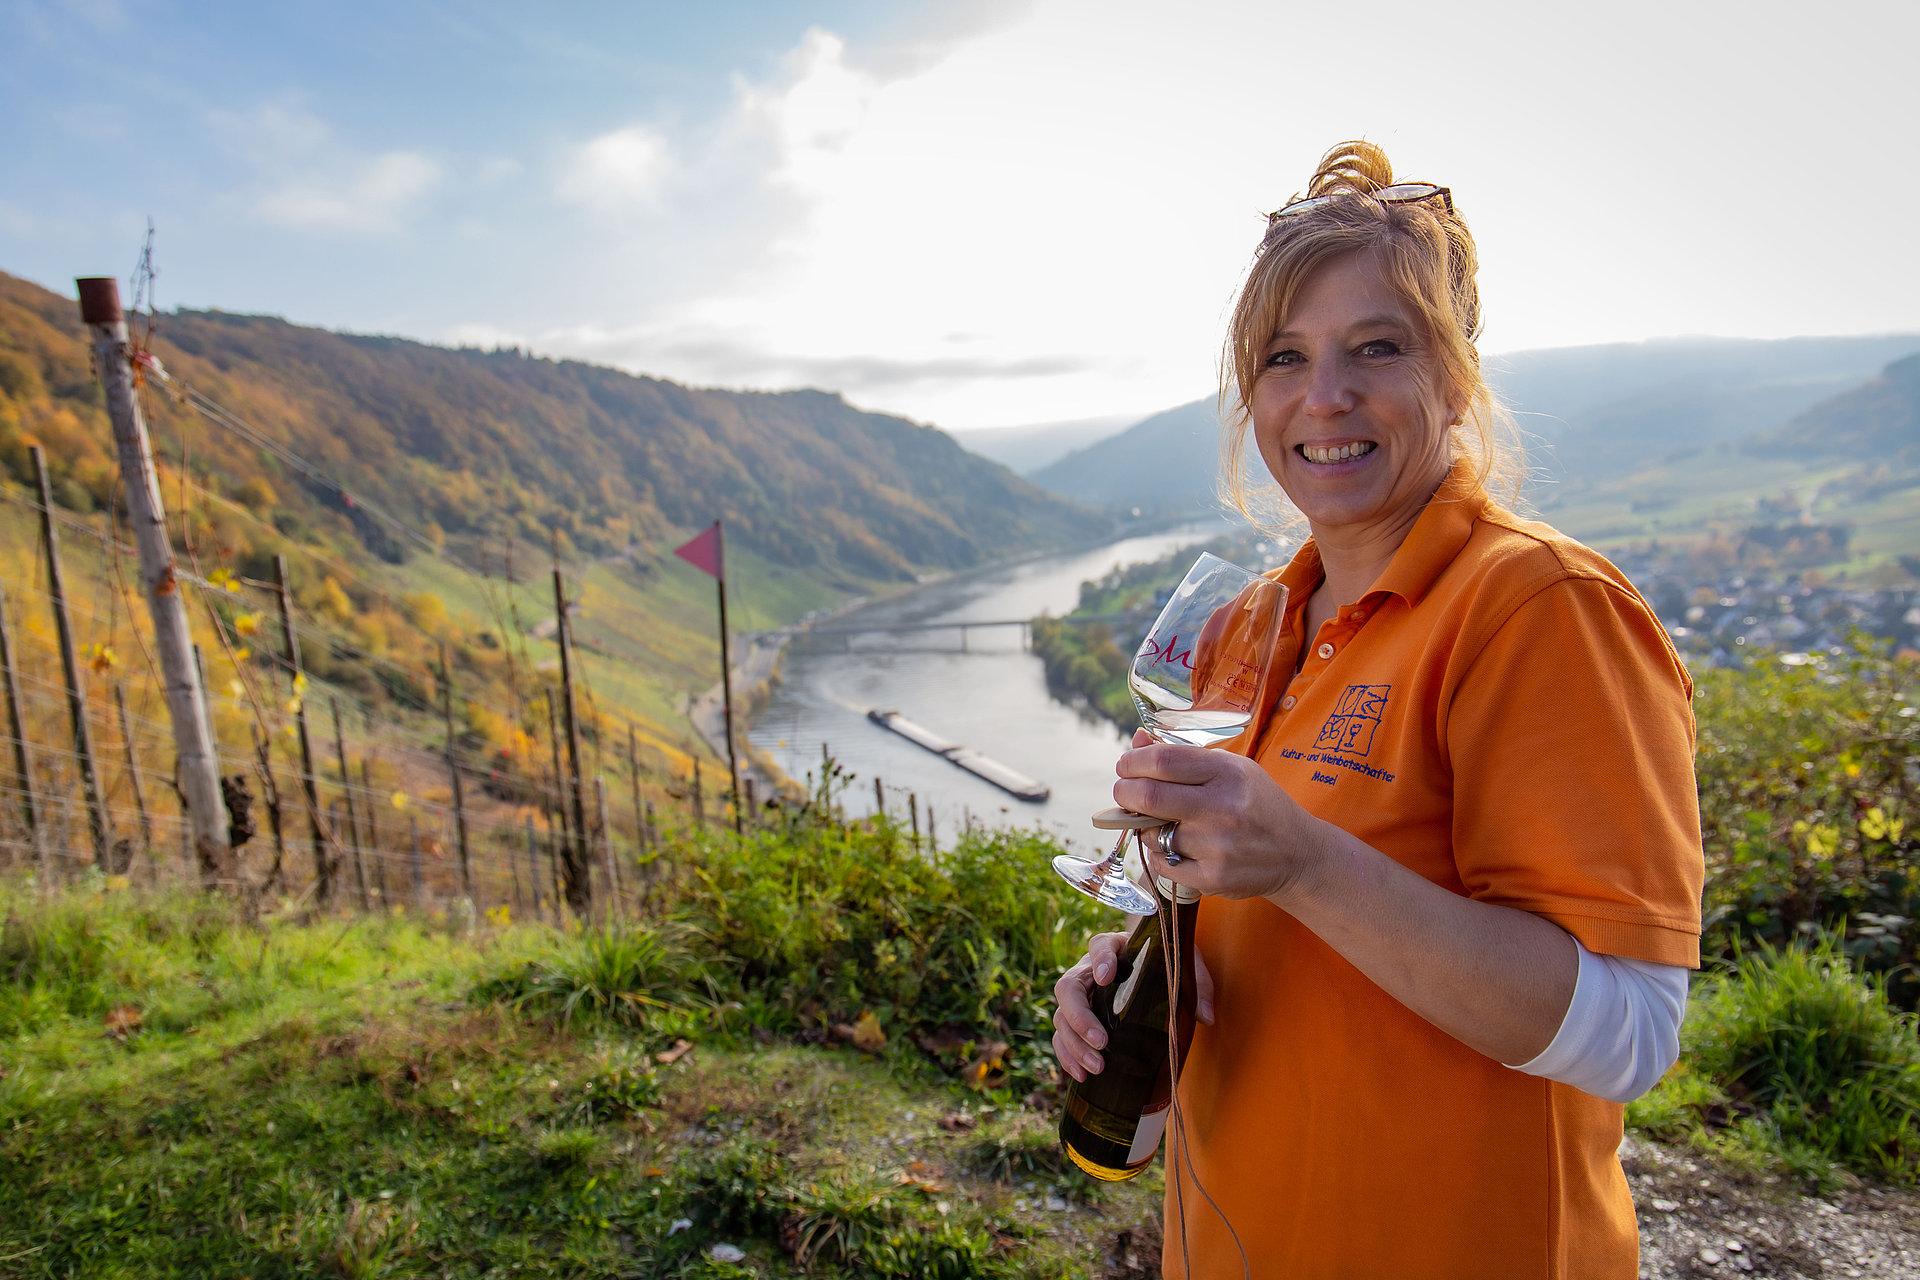 Kultur- und Weinbotschafterin in Weinbergen bei Kröv, Mosel